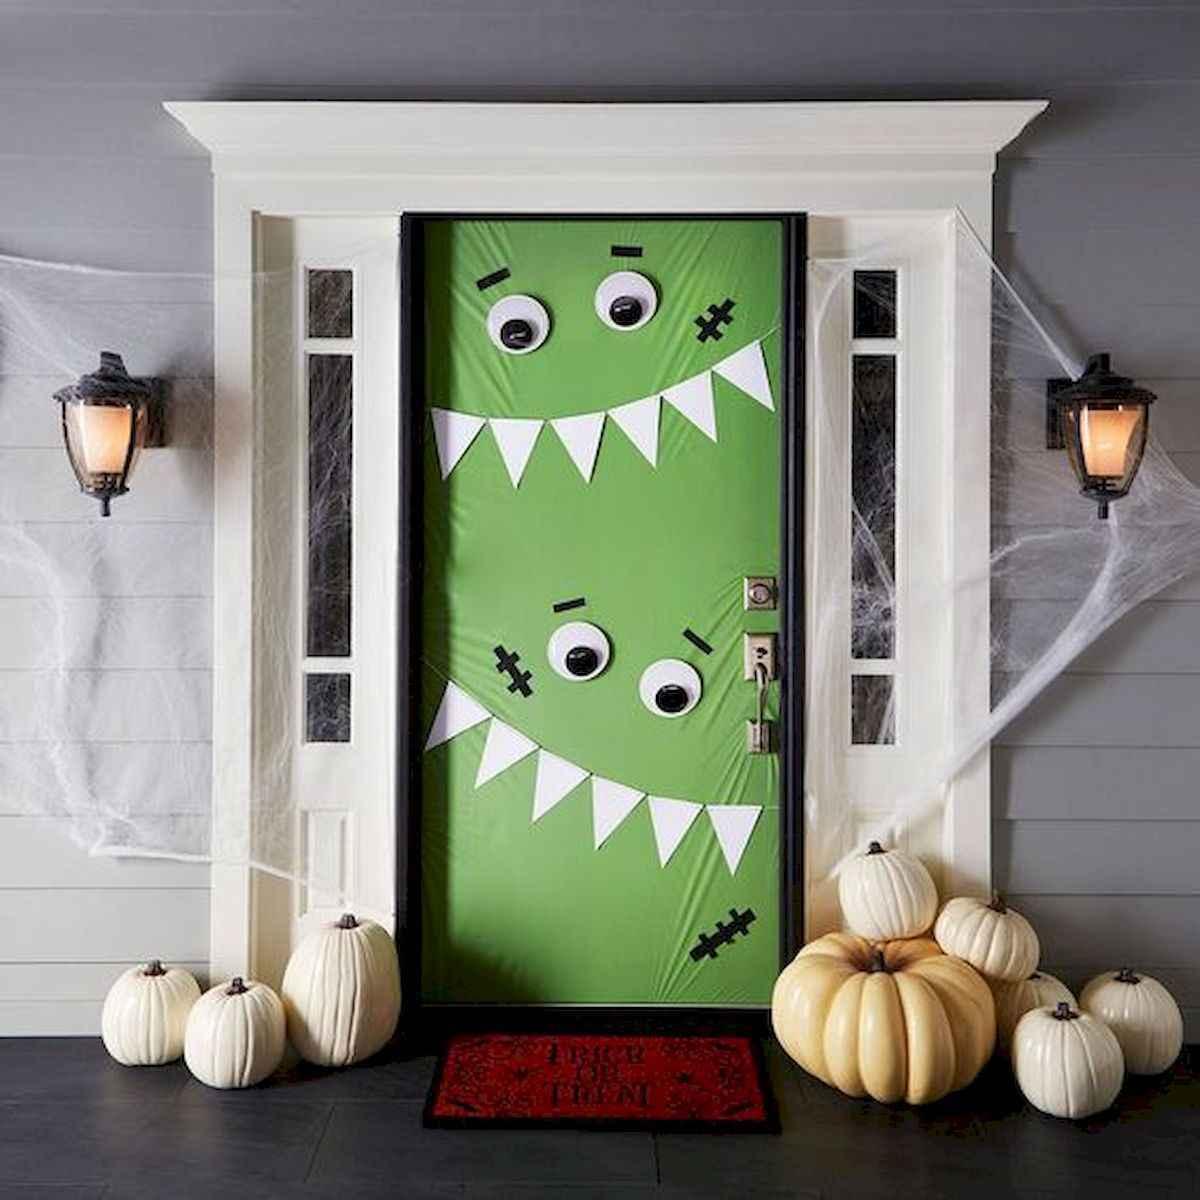 25 Creative Halloween Door Decorations for 2018 (7)